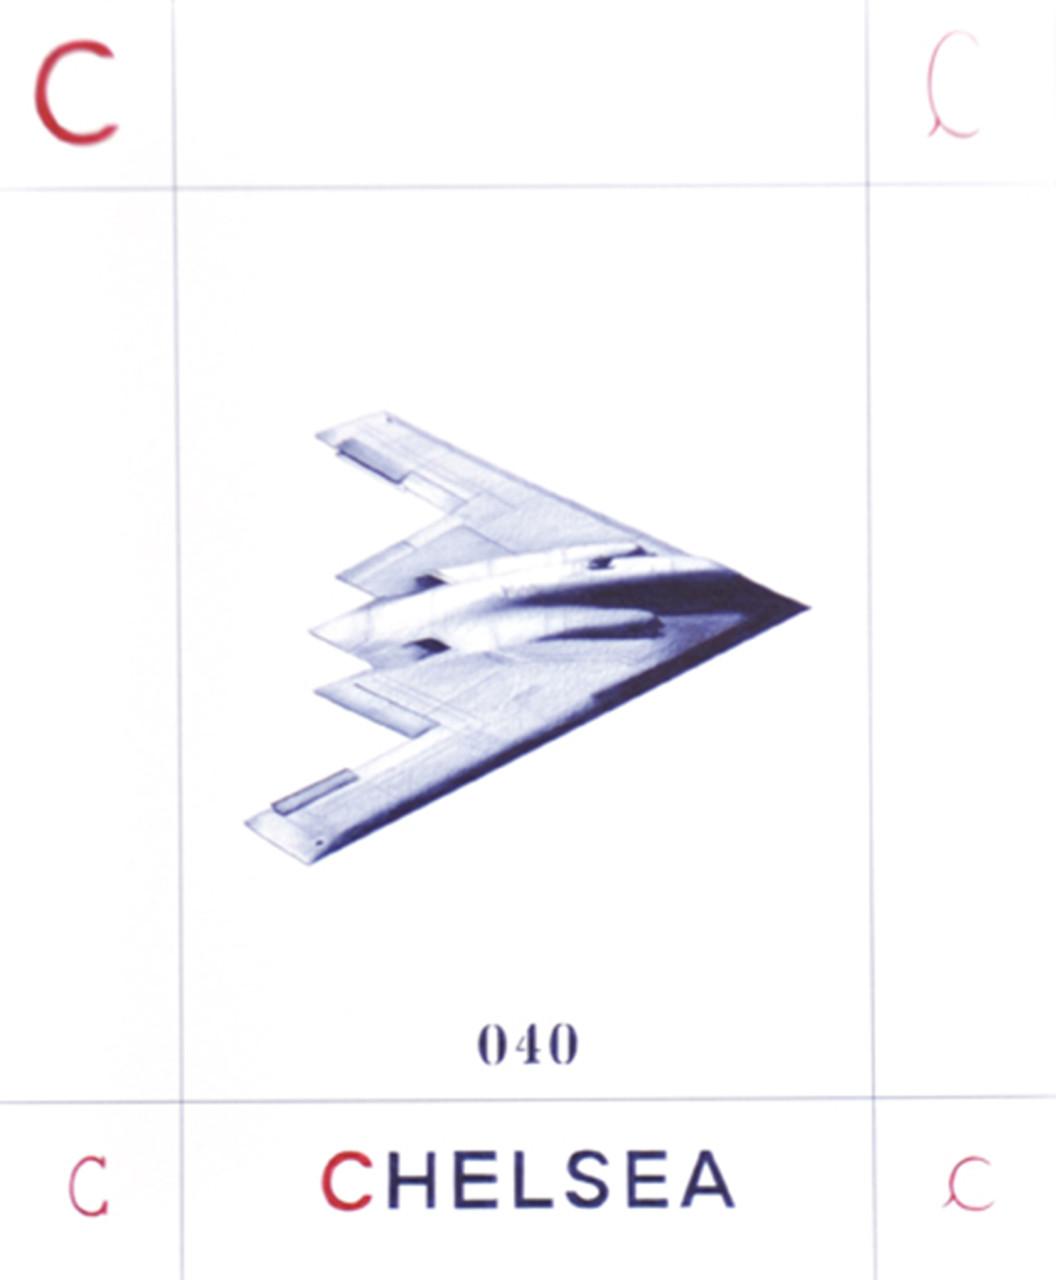 09C-Chelsea_bassa